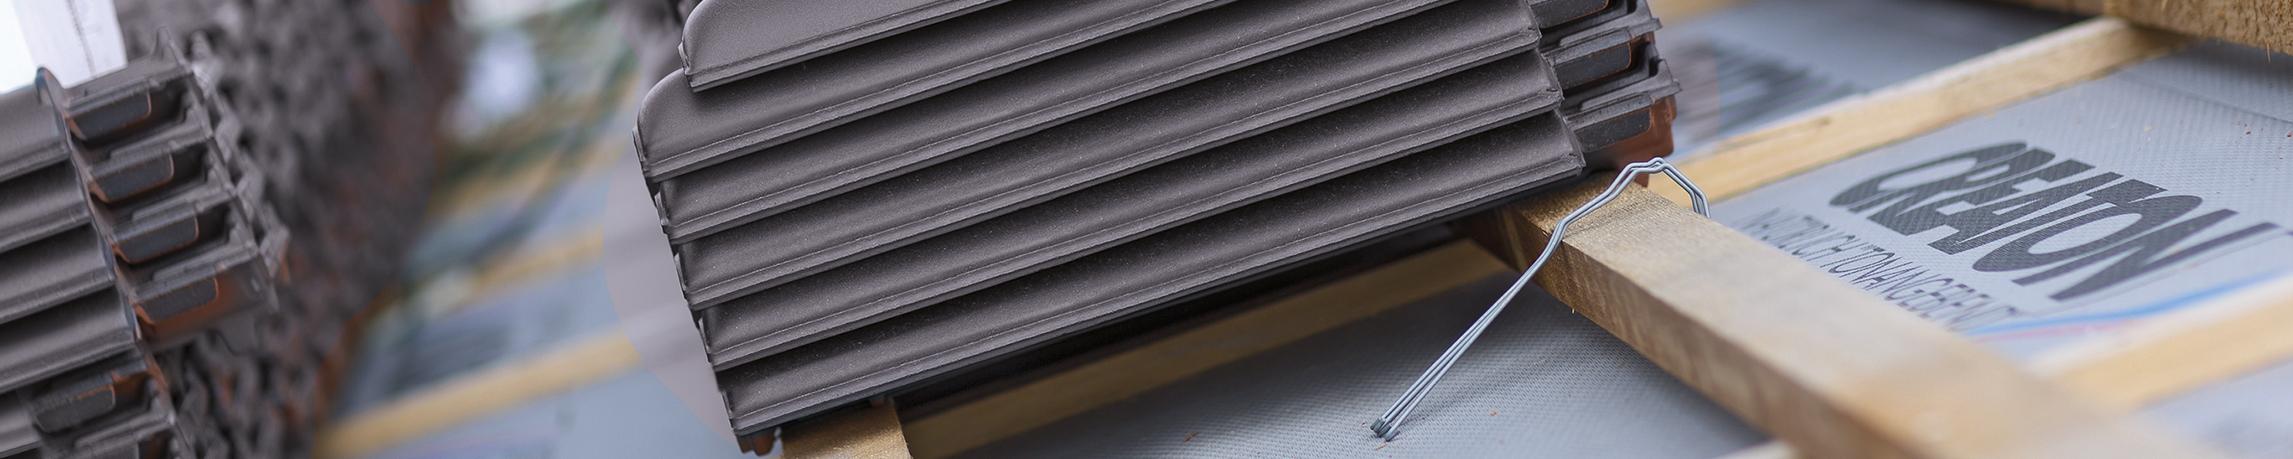 Jakie są główne zalety zastosowania dachówek ceramicznych na dachu?